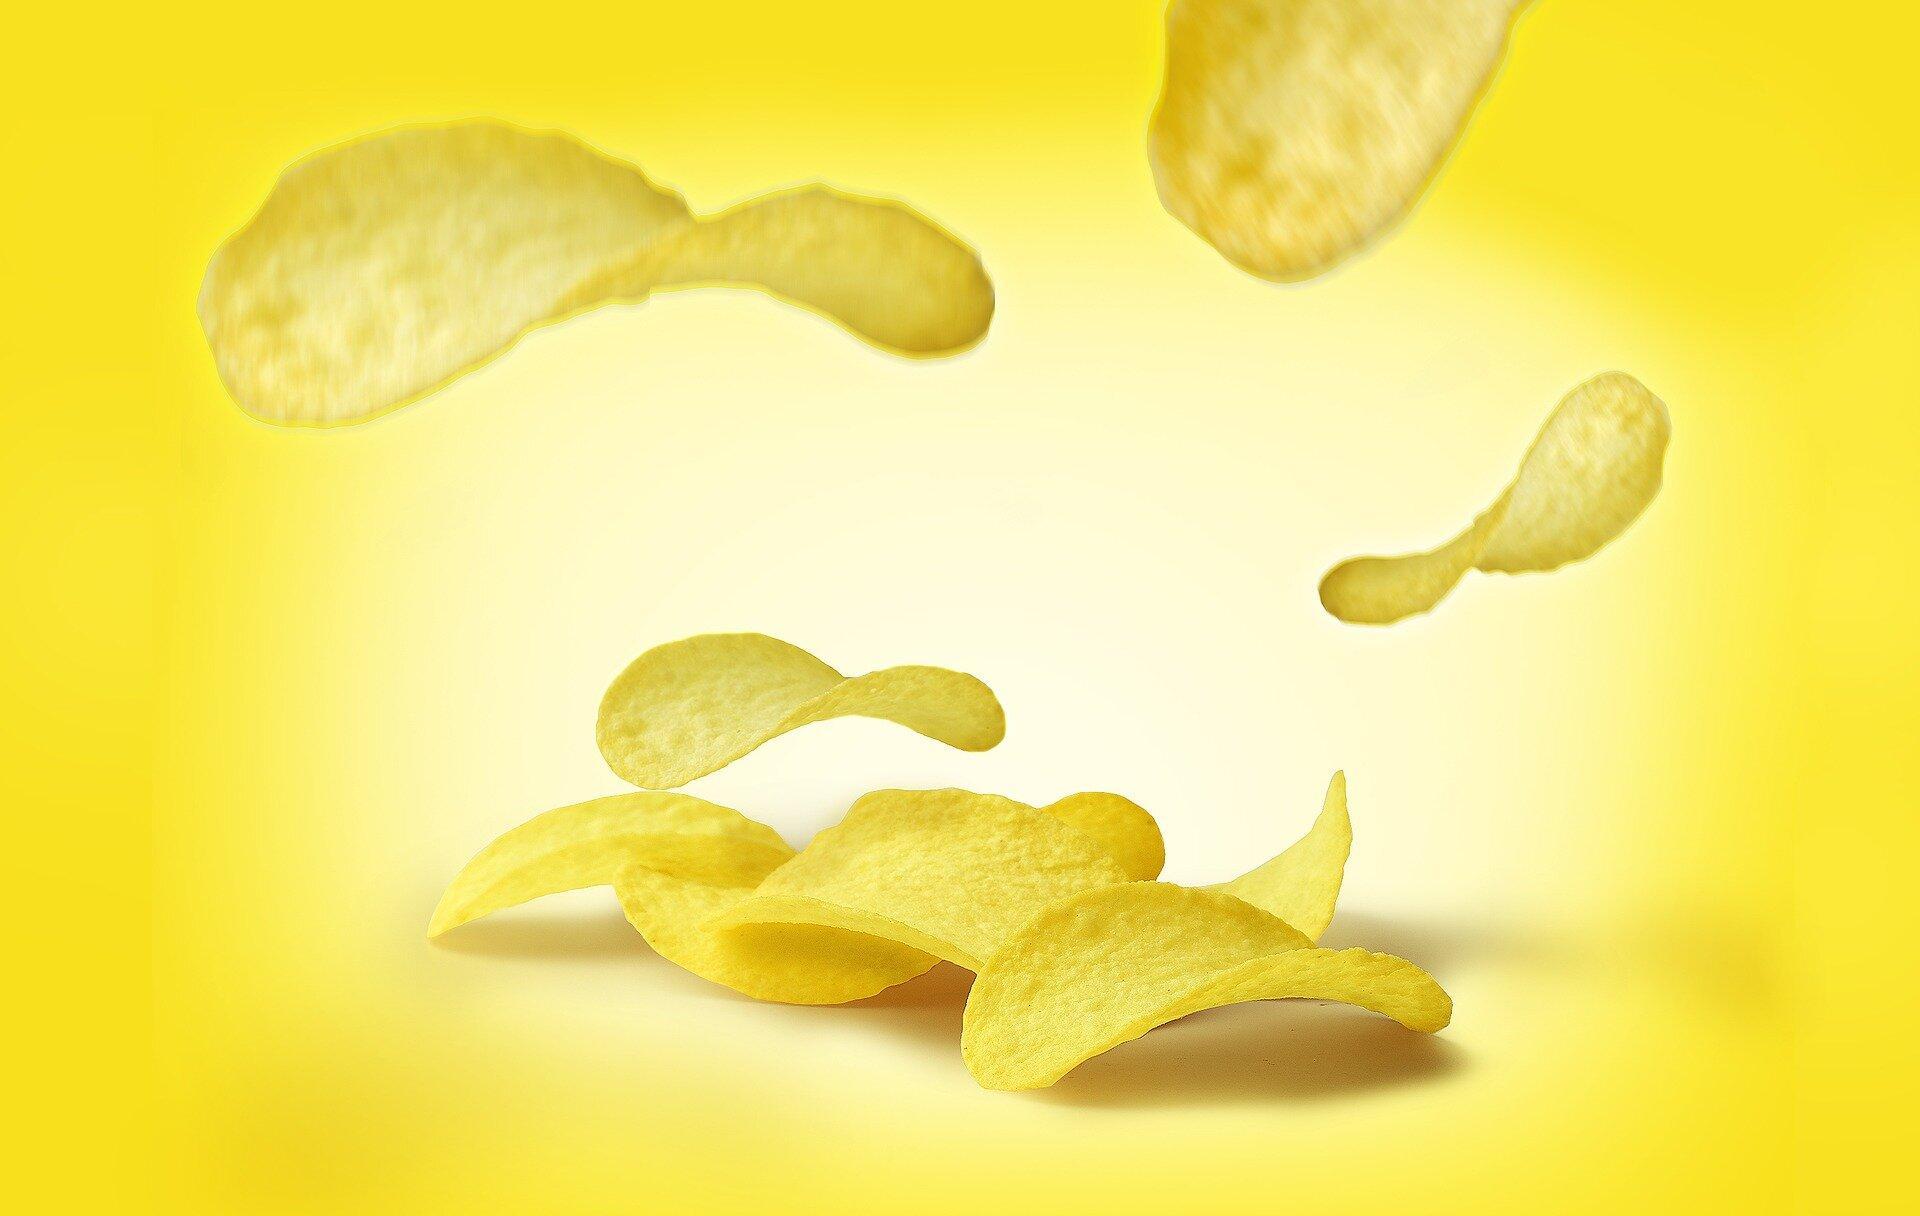 Ультра-переработанная еда увеличивает риск безвременной кончины